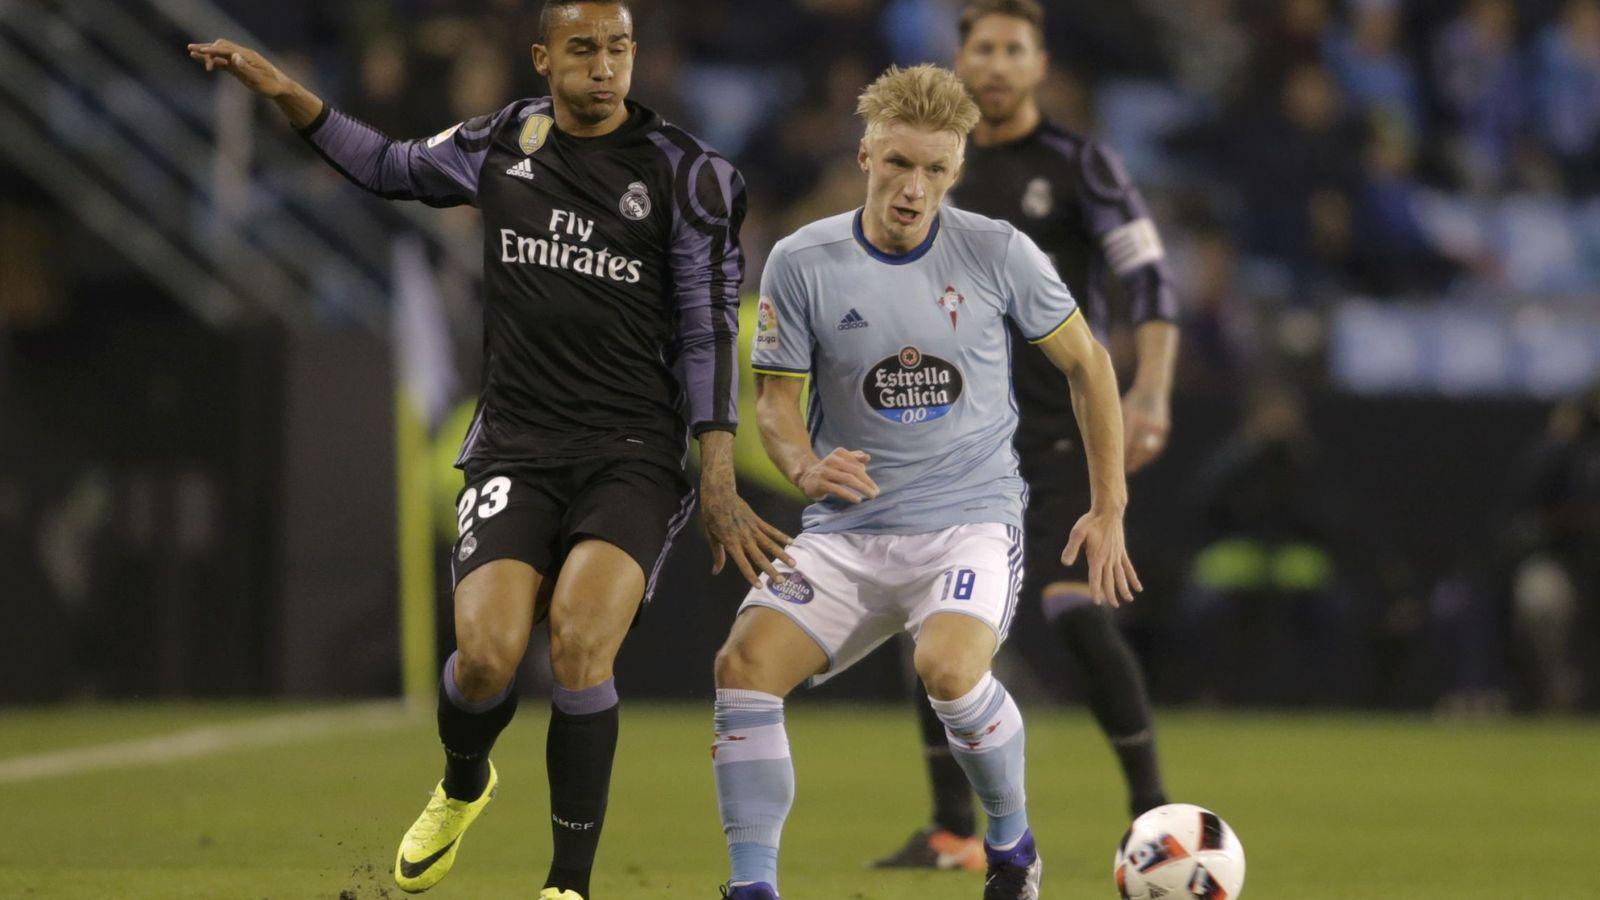 Foto: Danilo, en un lance del partido de Copa que el Real Madrid disputó en Balaídos ante el Celta (Reuters)